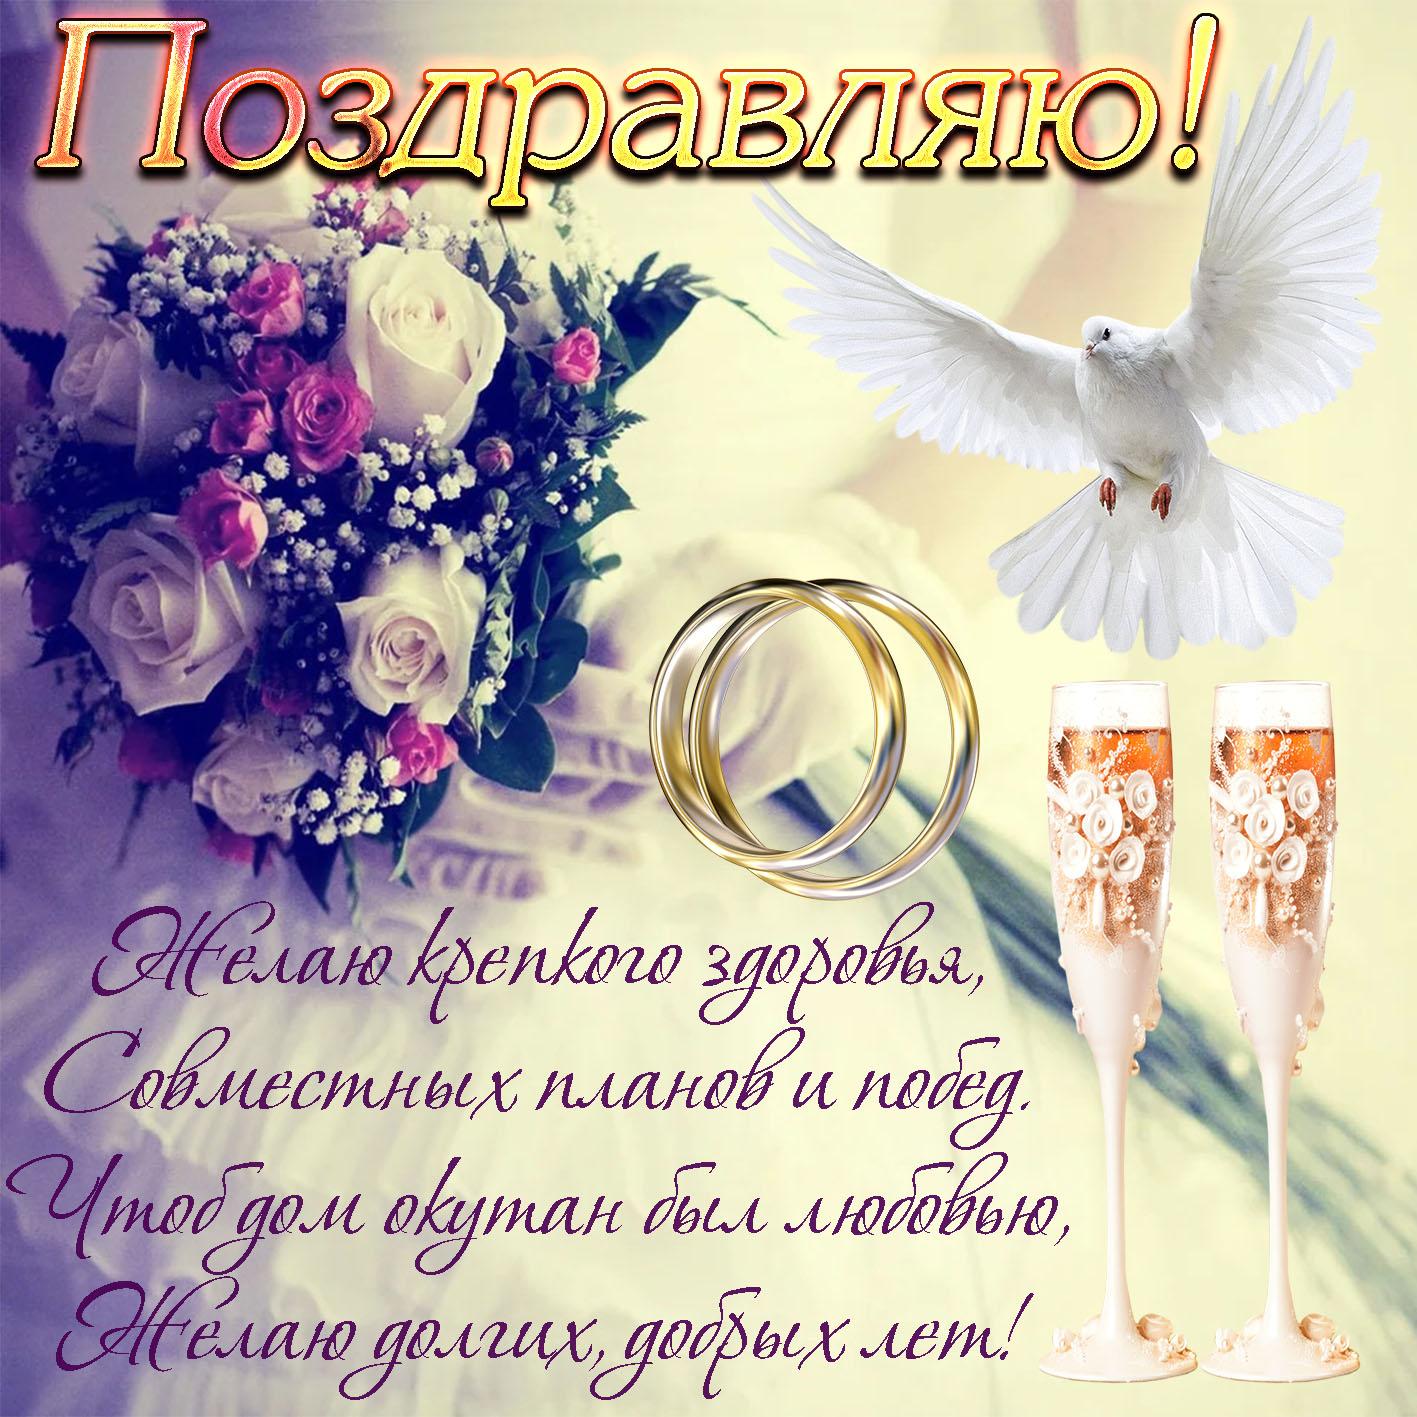 Открытки к годовщине свадьбы от детей, поздравления марта девушкам